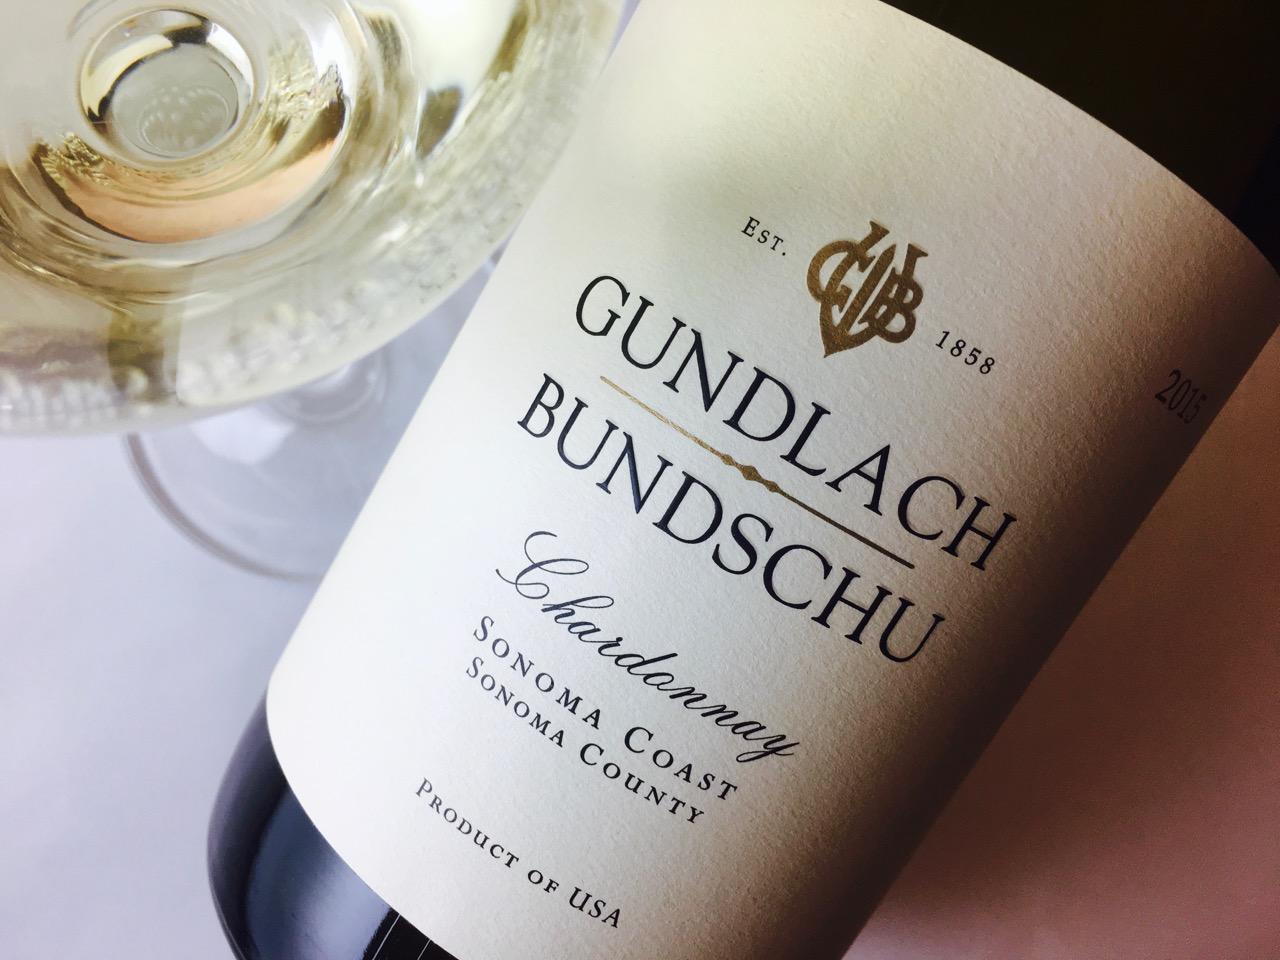 2015 Gundlach Bundschu Chardonnay Sonoma Coast